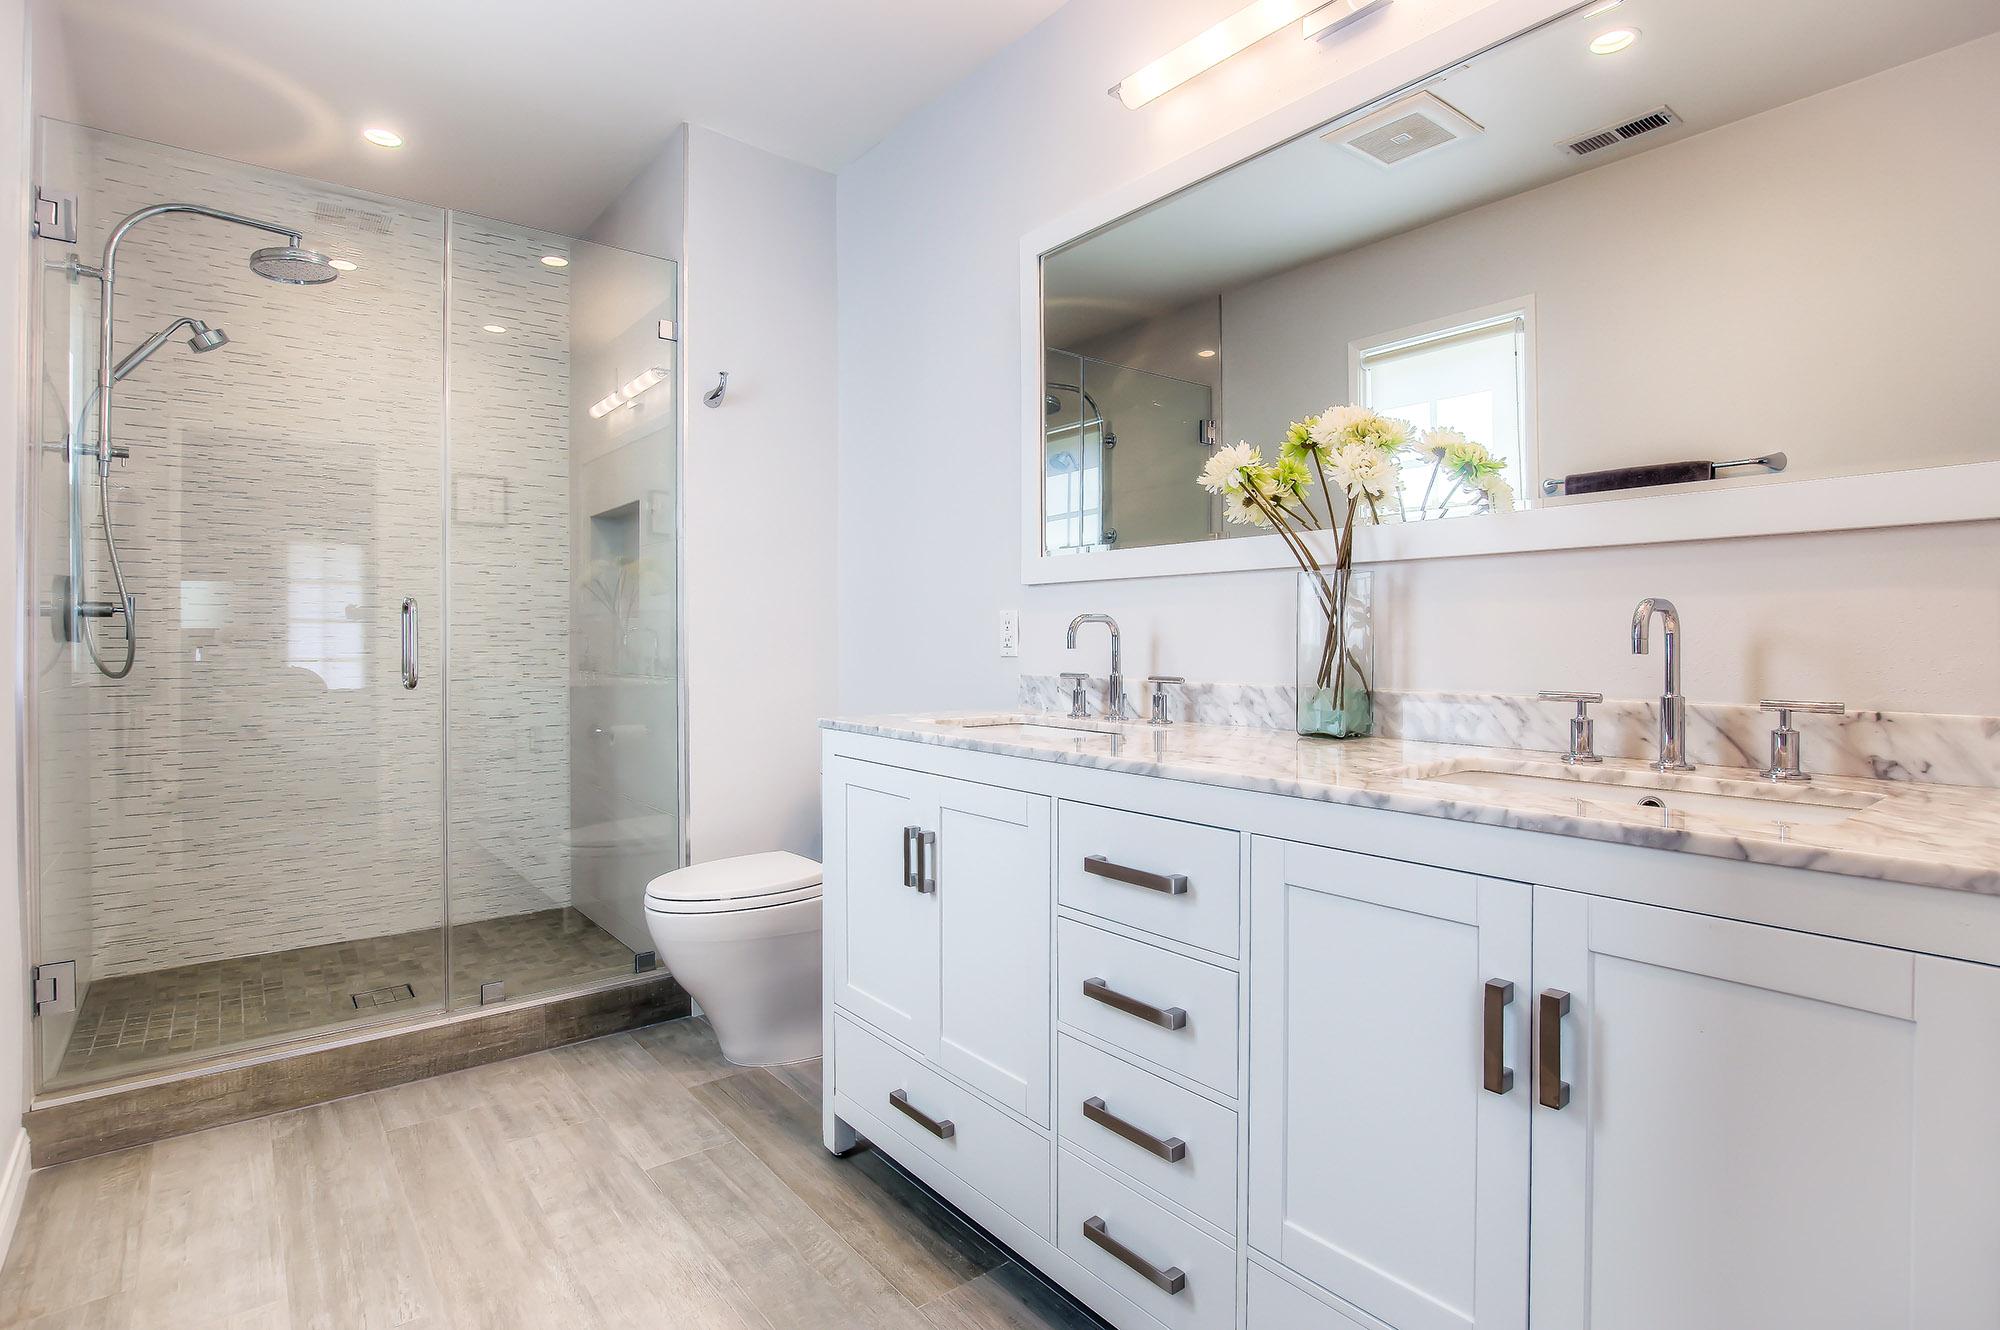 Culver city master bathroom remodel